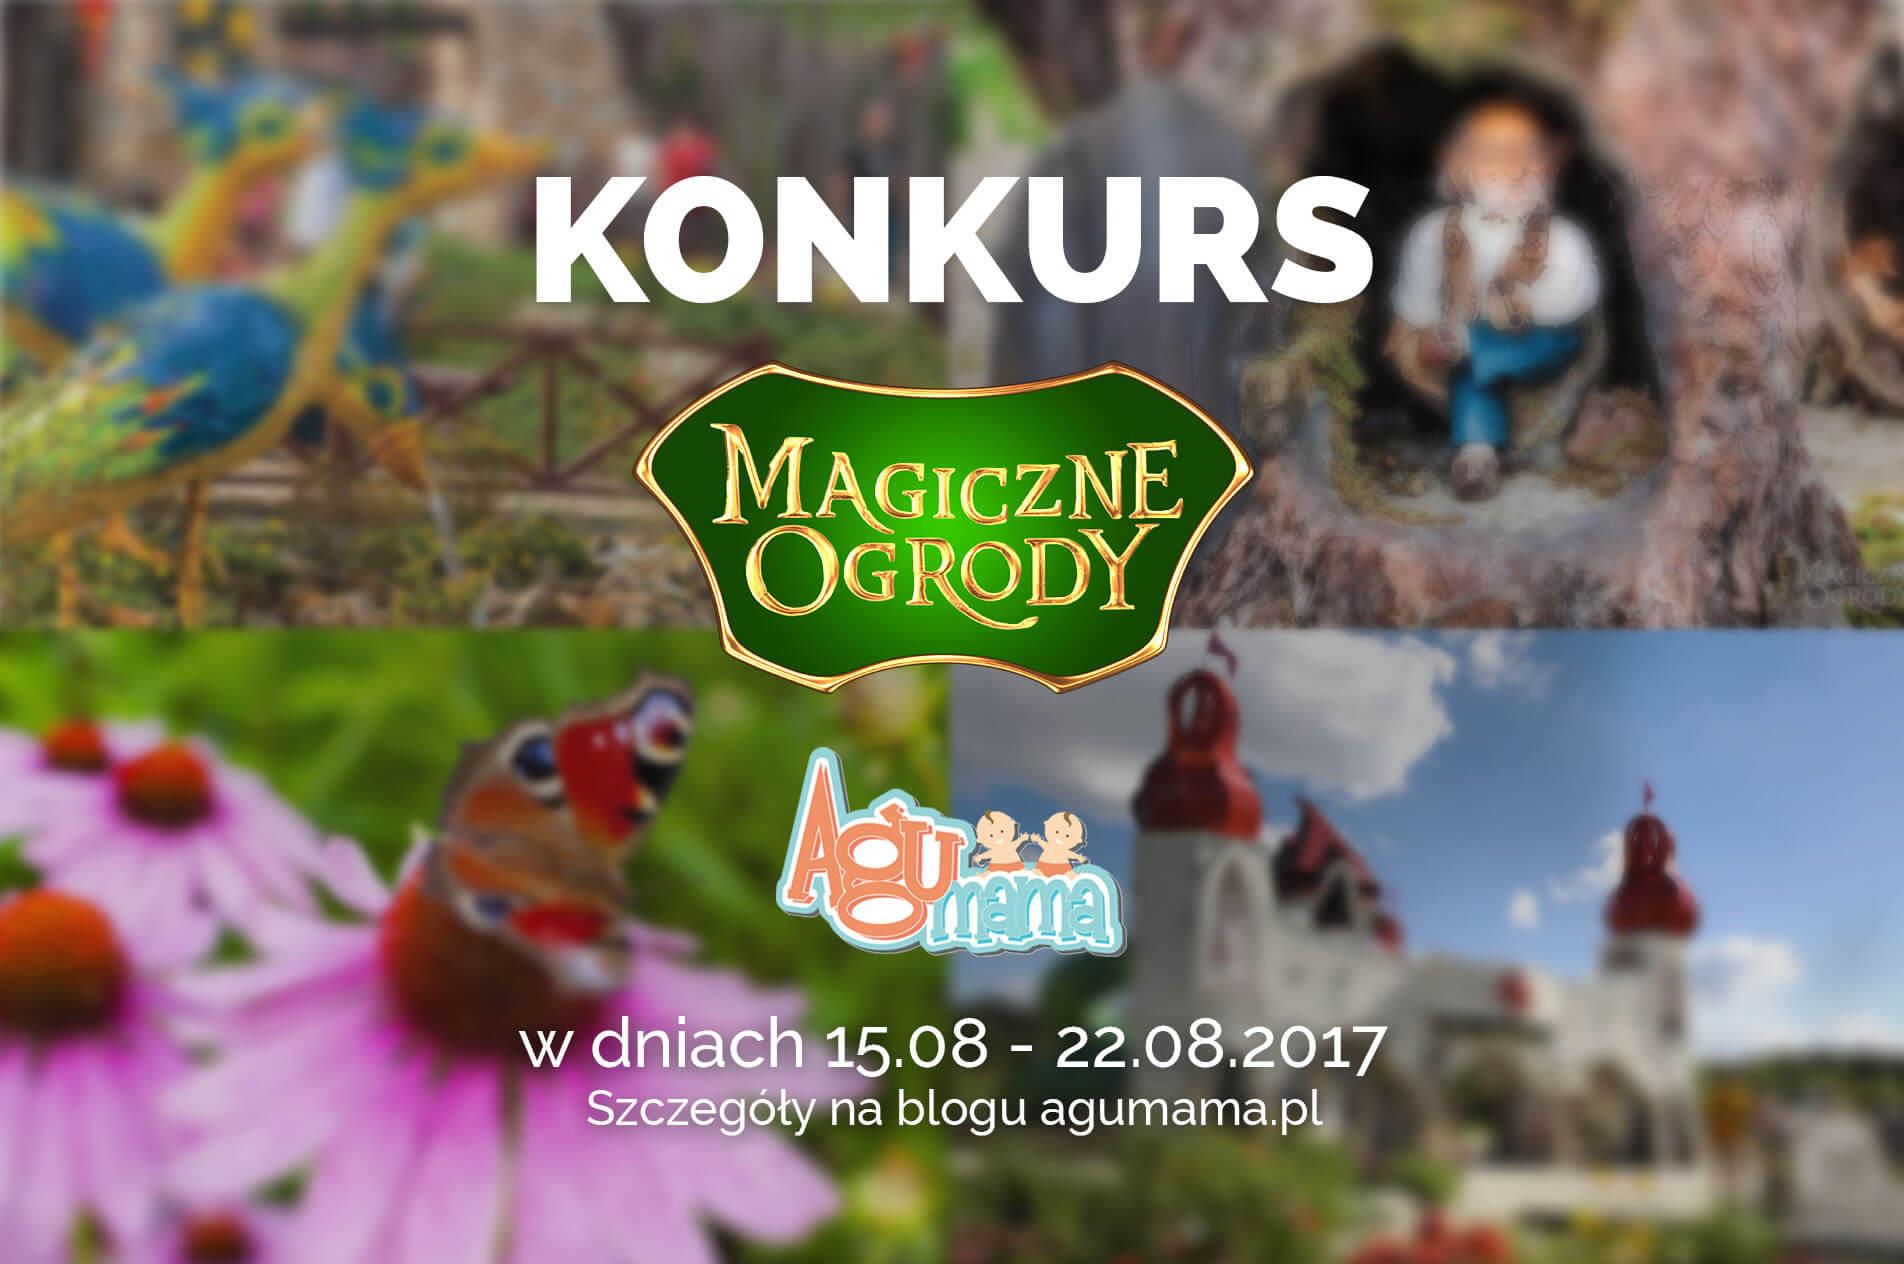 bilet do magicznych ogrodów plakat konkursowy